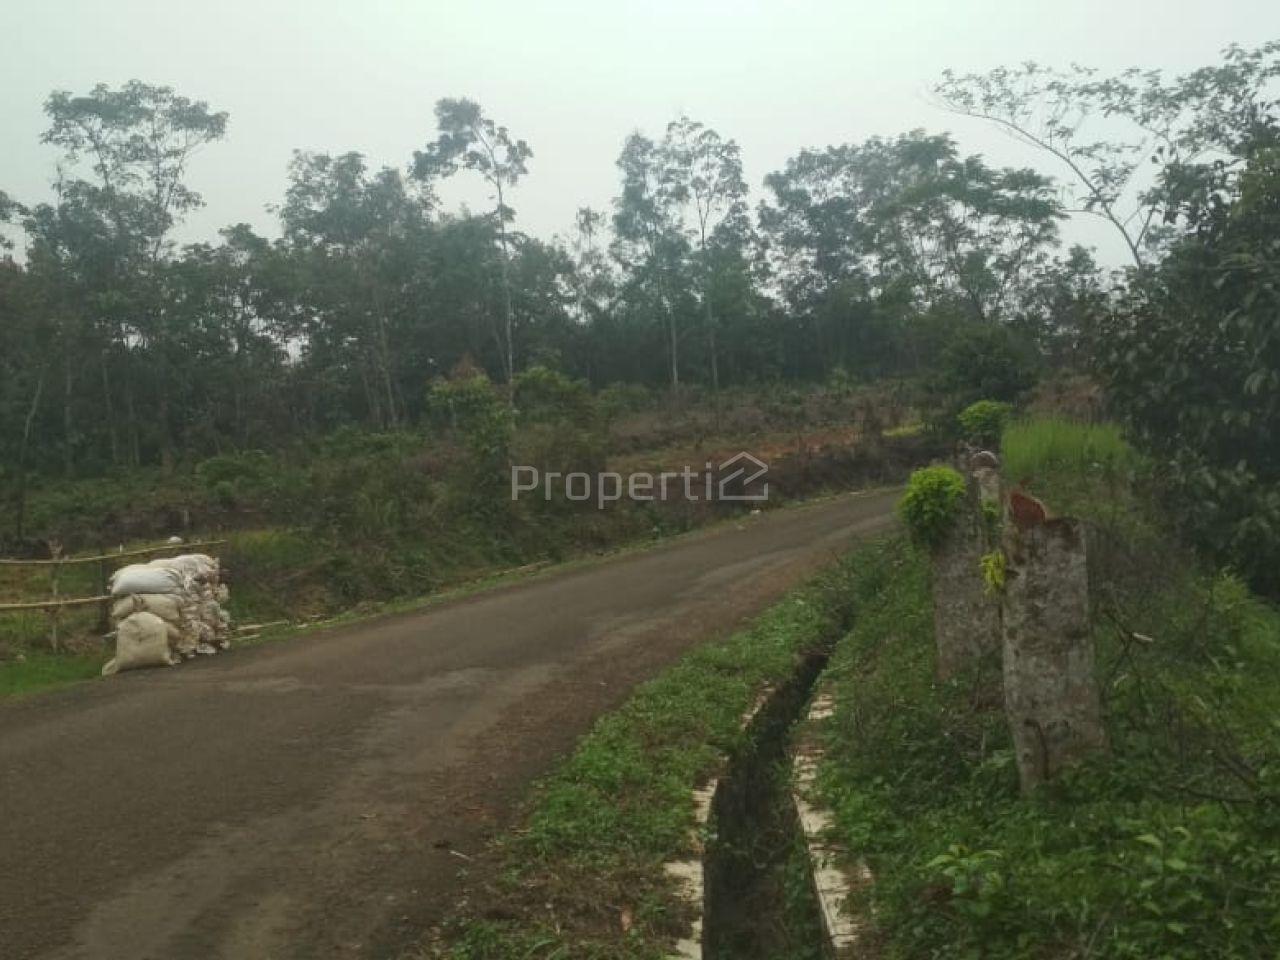 Lahan Peruntukan Perumahan di Cigudeg, Bogor, Jawa Barat